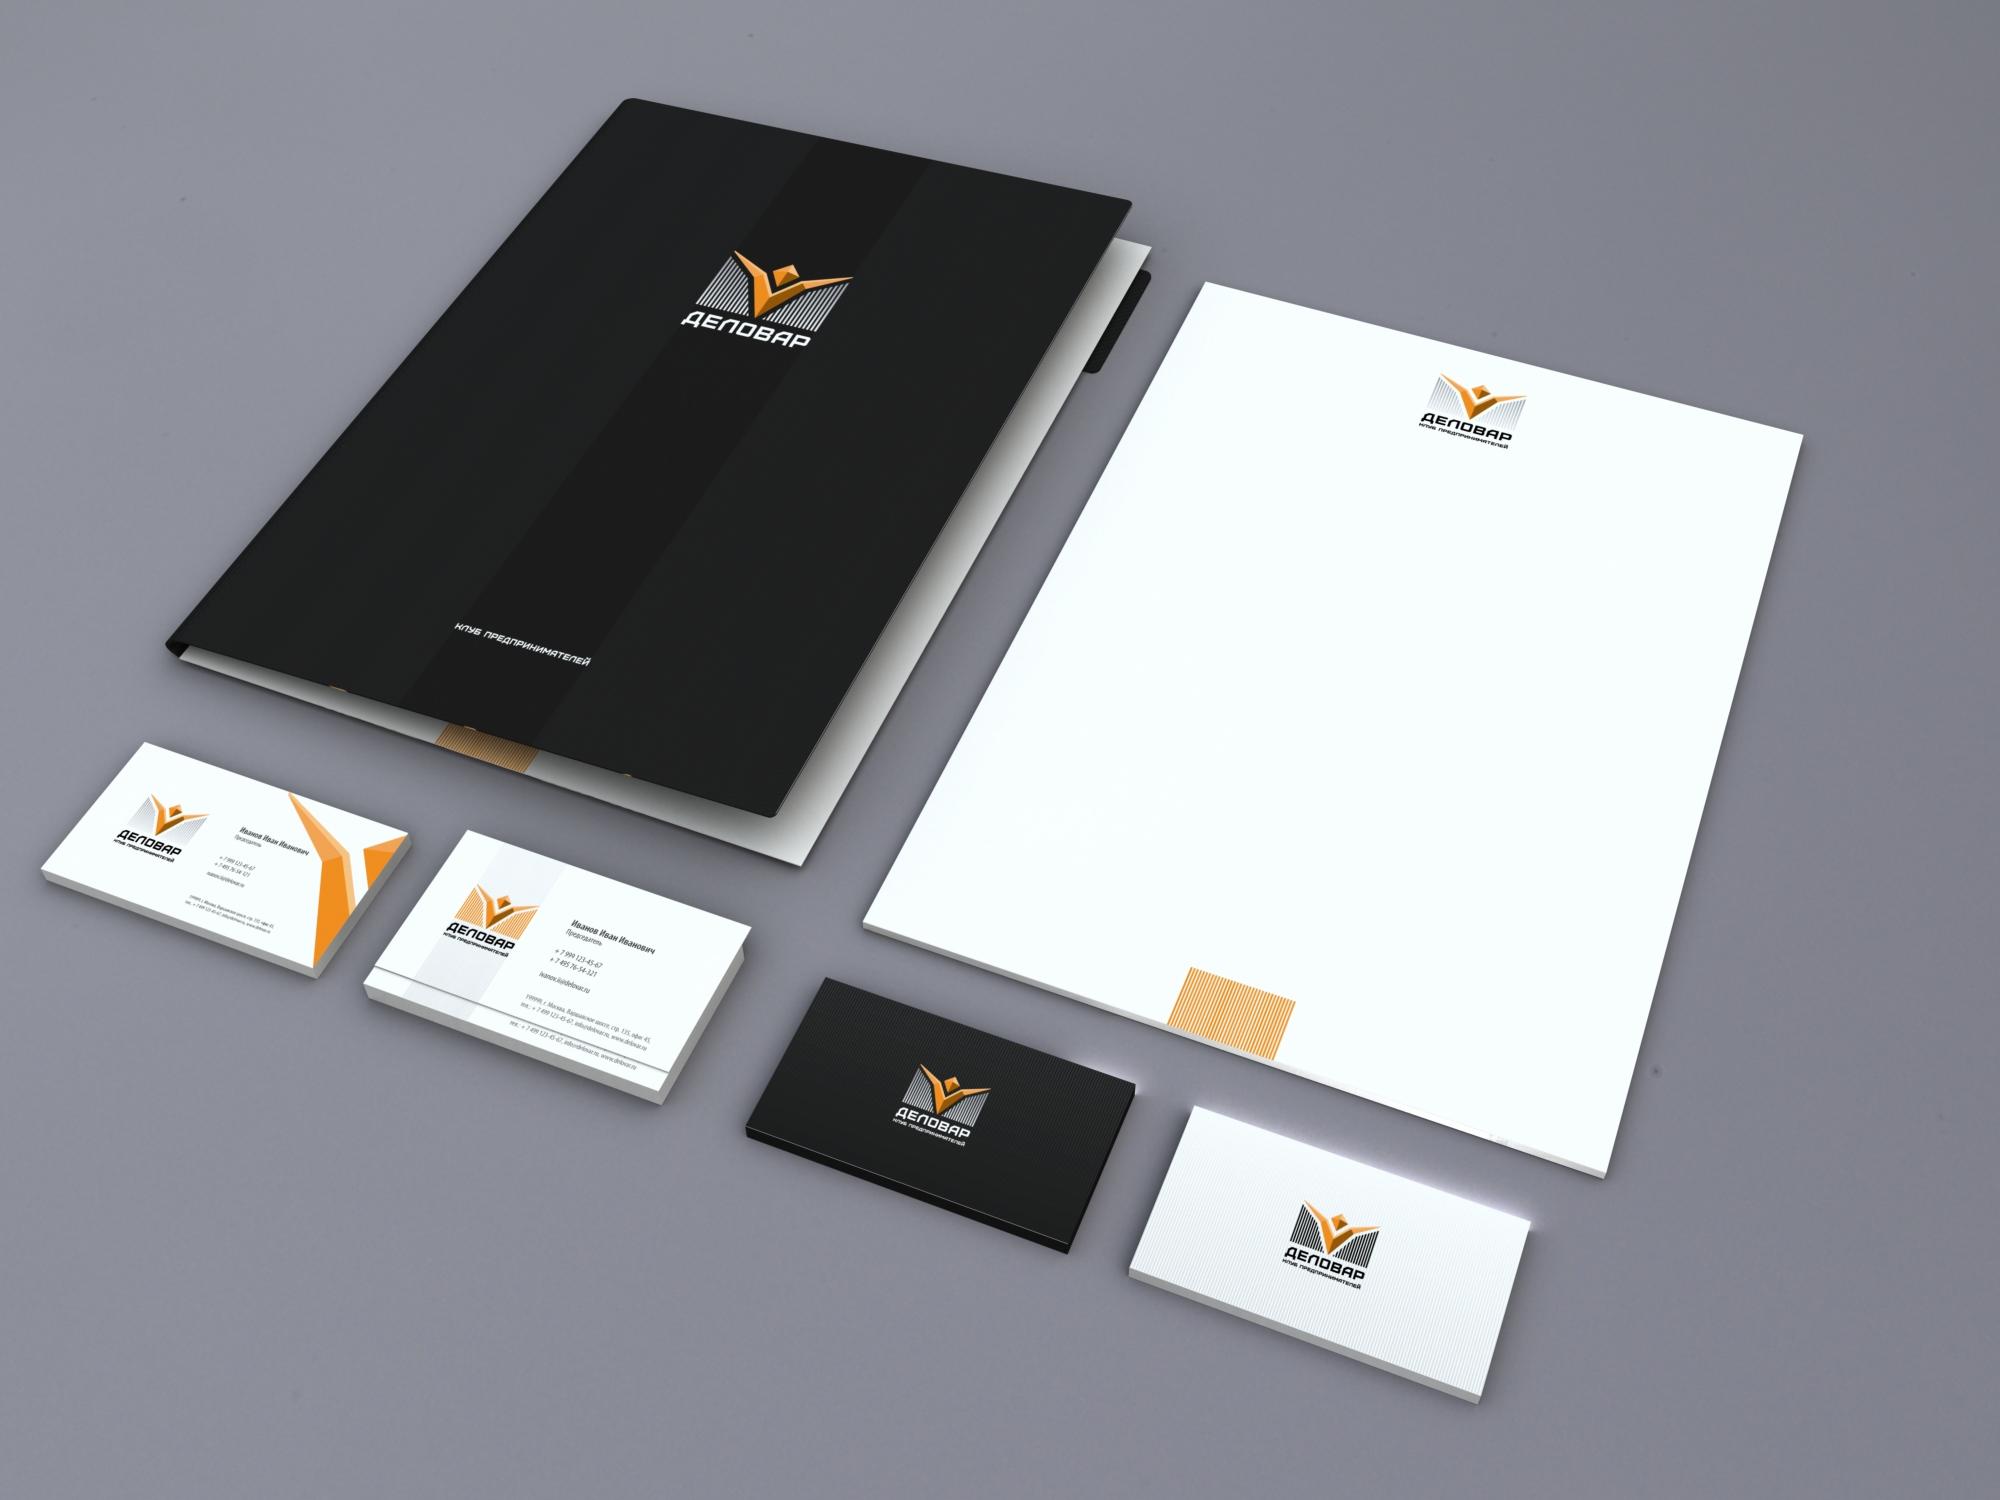 """Логотип и фирм. стиль для Клуба предпринимателей """"Деловар"""" фото f_50476eccee17c.jpg"""